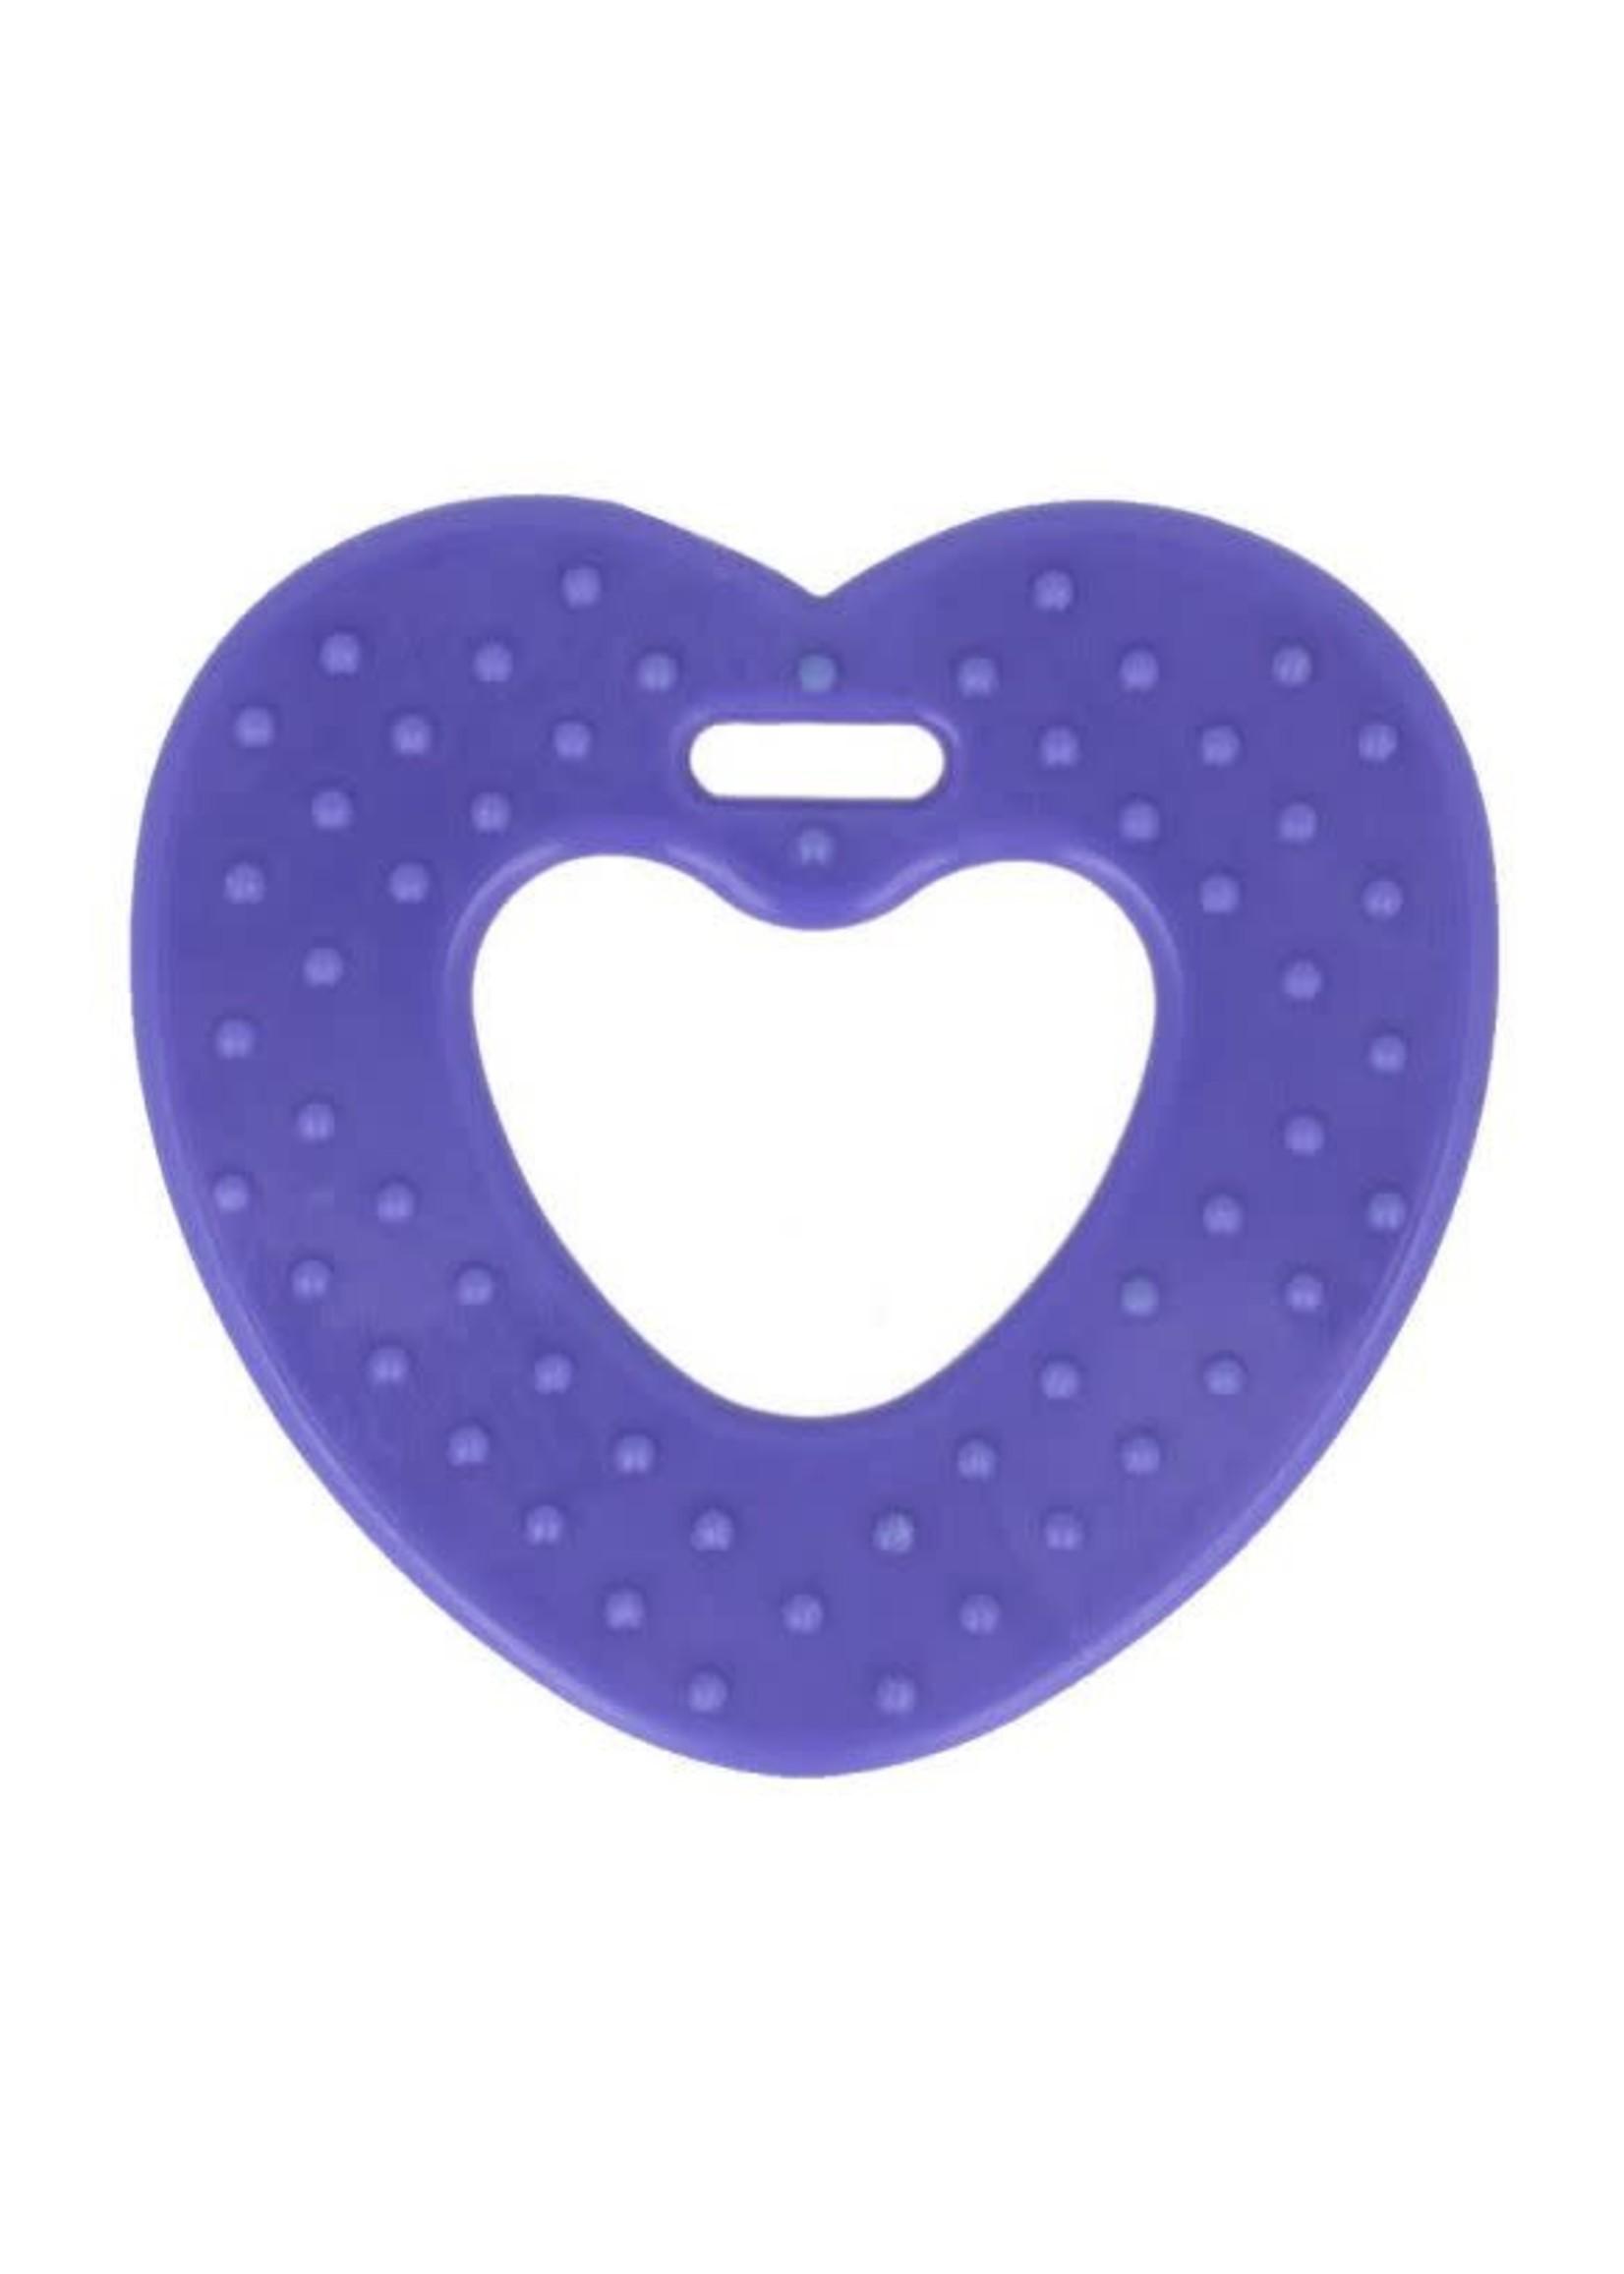 Bijtring hart met noppen 65mm - paars